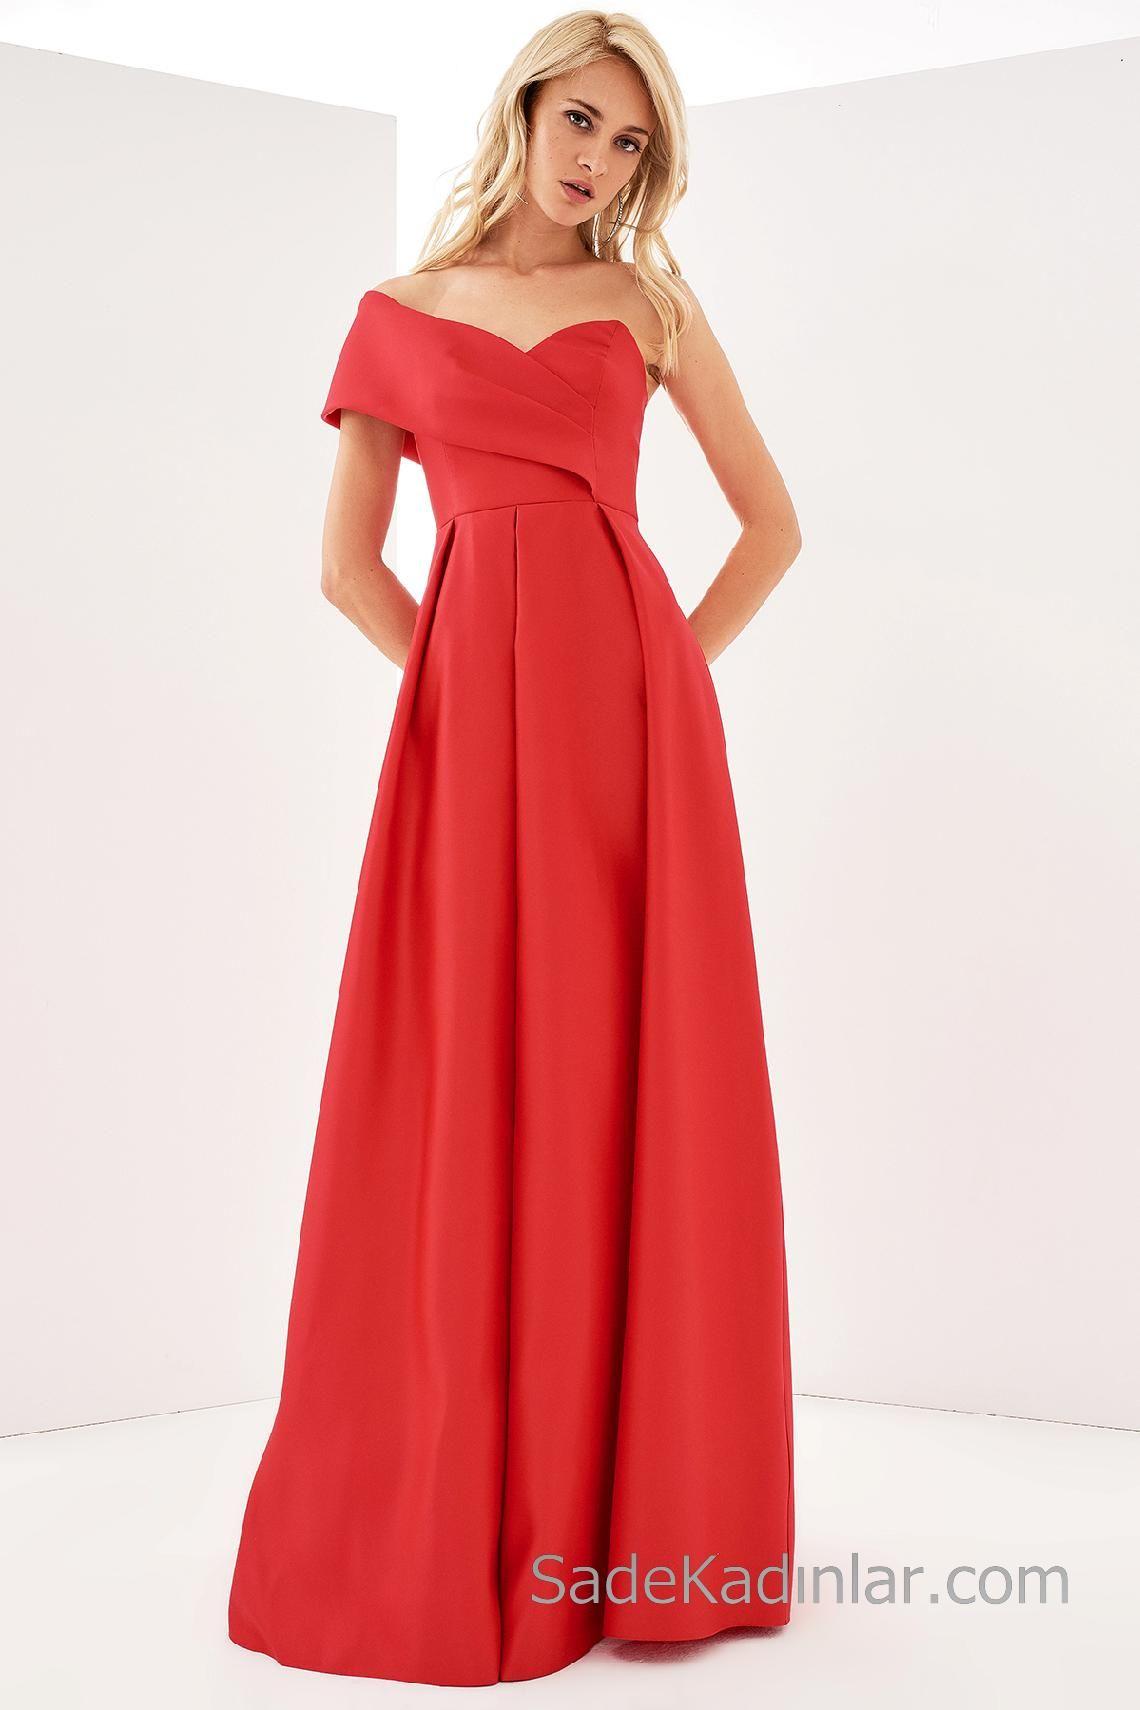 2020 Abiye Elbiseler Kirmizi Tek Omzu Acik Kalp Yaka Elbiseler Elbise Elbise Modelleri